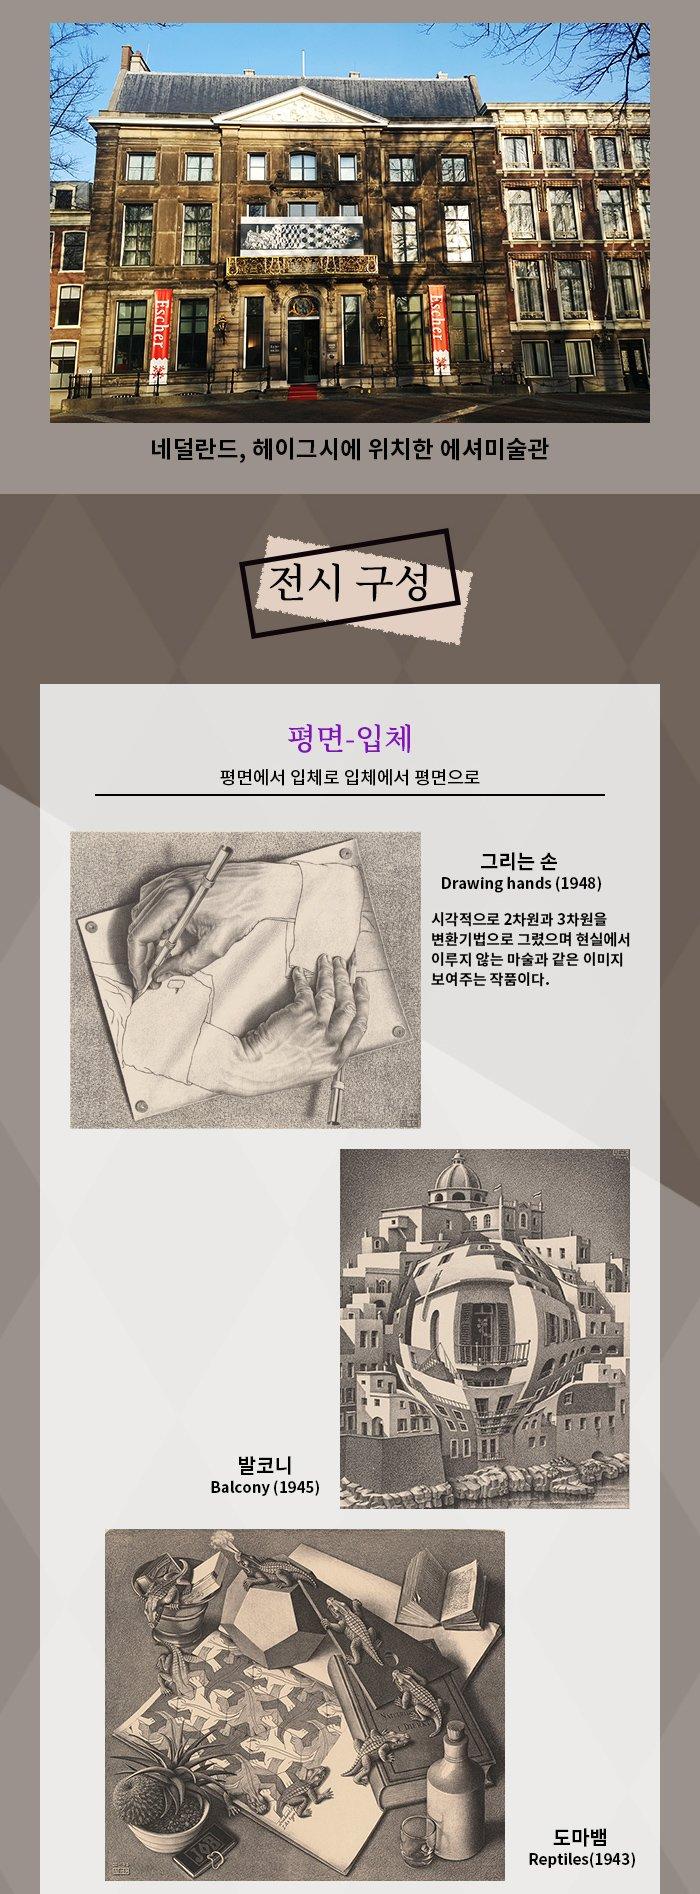 네덜란드 헤이그시에 위치한 에셔 미술관 전시구성 평면 입체 평면에서 입체로 입체에서 평면으로 그리는 손 drawing hands (1948) 시각적으로 2차원과 3차원을 변환기법으로 그렸으며 현실에서 이루지 않는 마술과 같은 이미지 보여주는 작품이다 발코니 balcony 1945 도마뱁 reptiles 1943